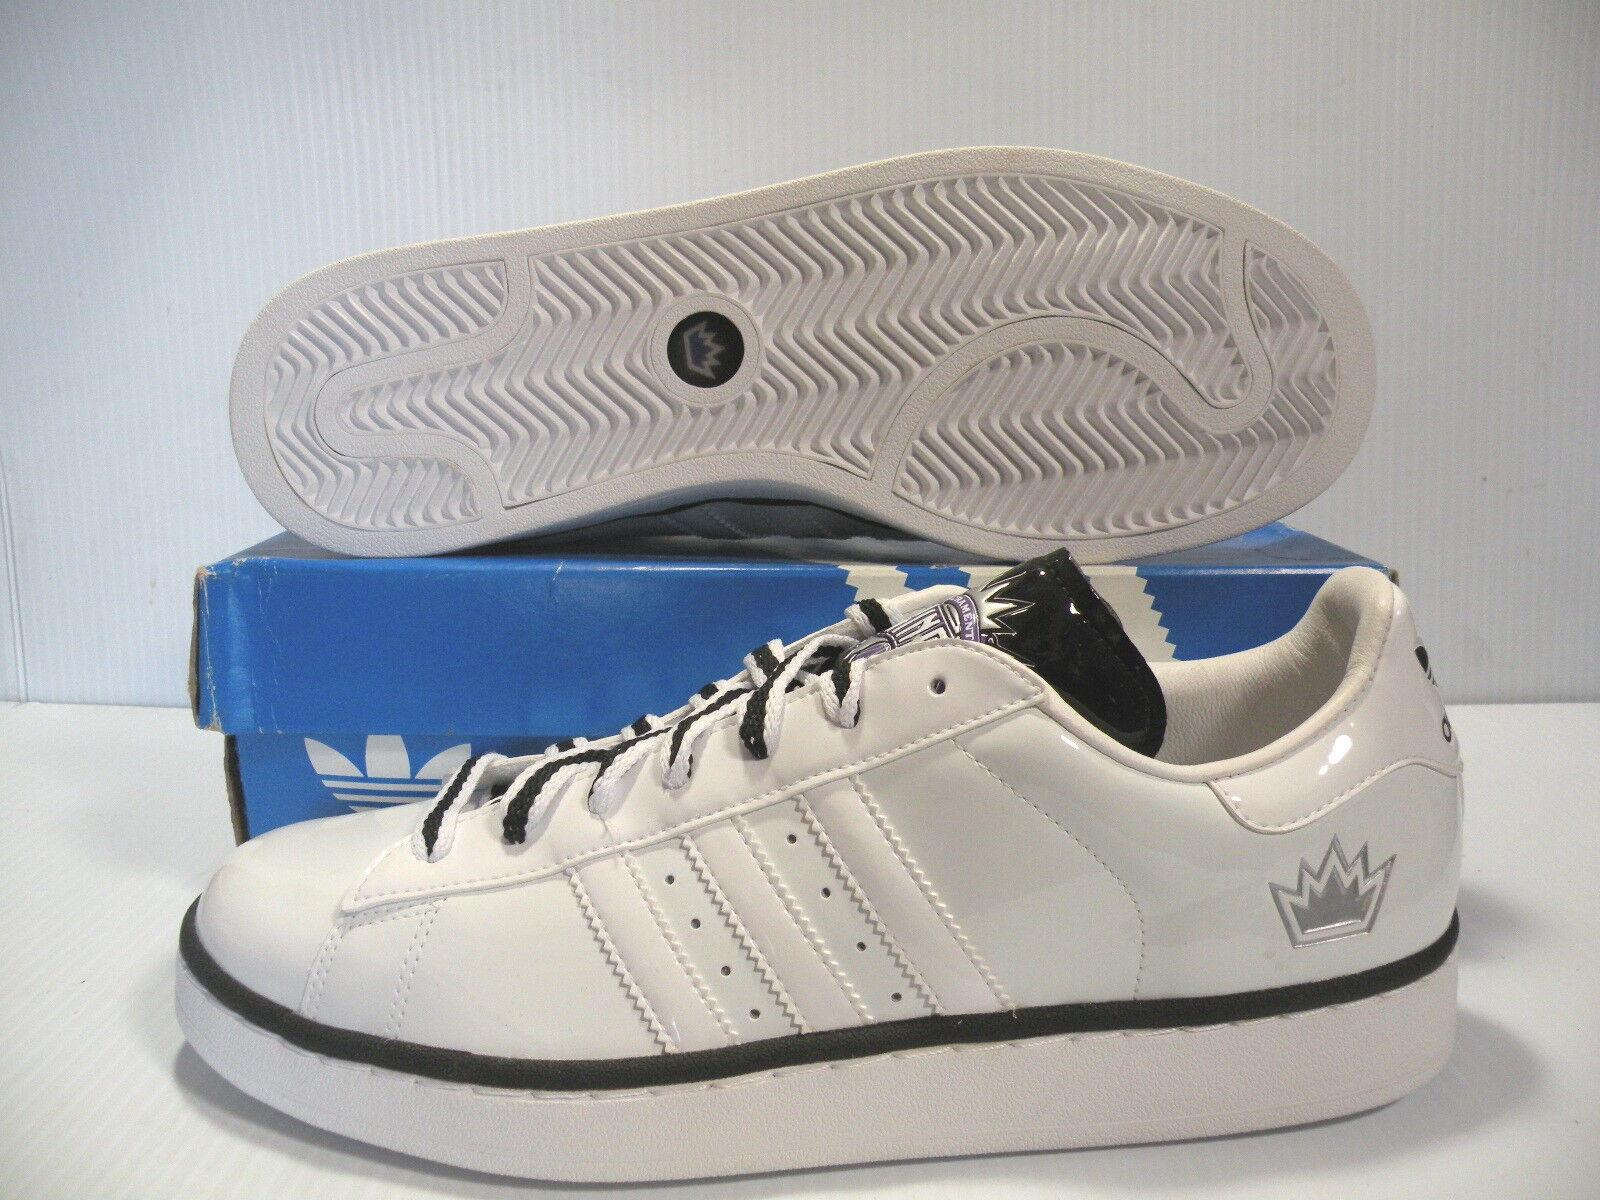 Adidas campus ii + nba - könige niedrigen turnschuhe männer weiße  44312 größe 11,5 neue schuhe